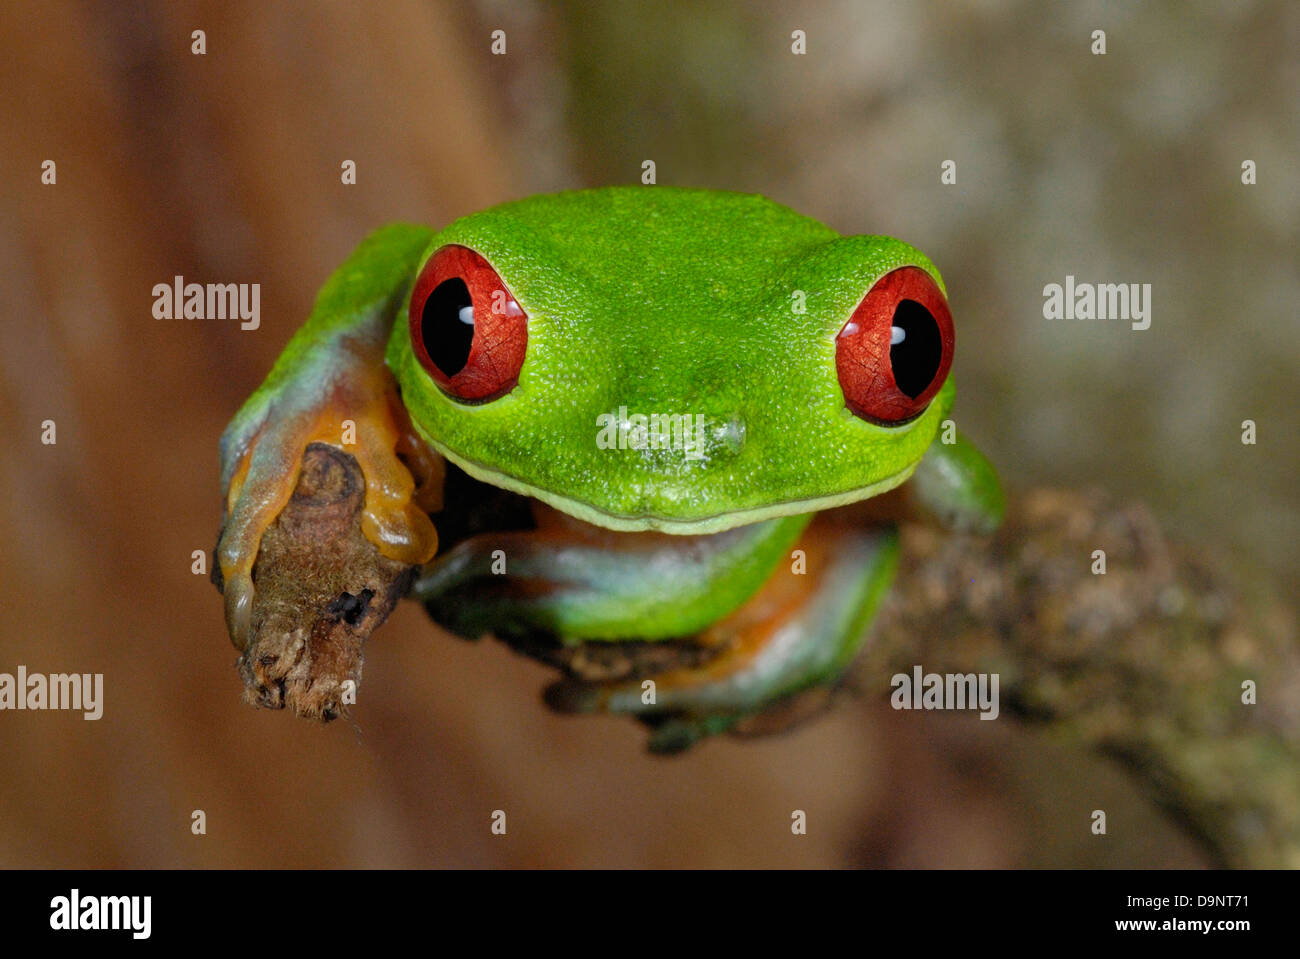 Rainette aux yeux rouges (agalychnis callidryas) au Costa Rica Rainforest Photo Stock